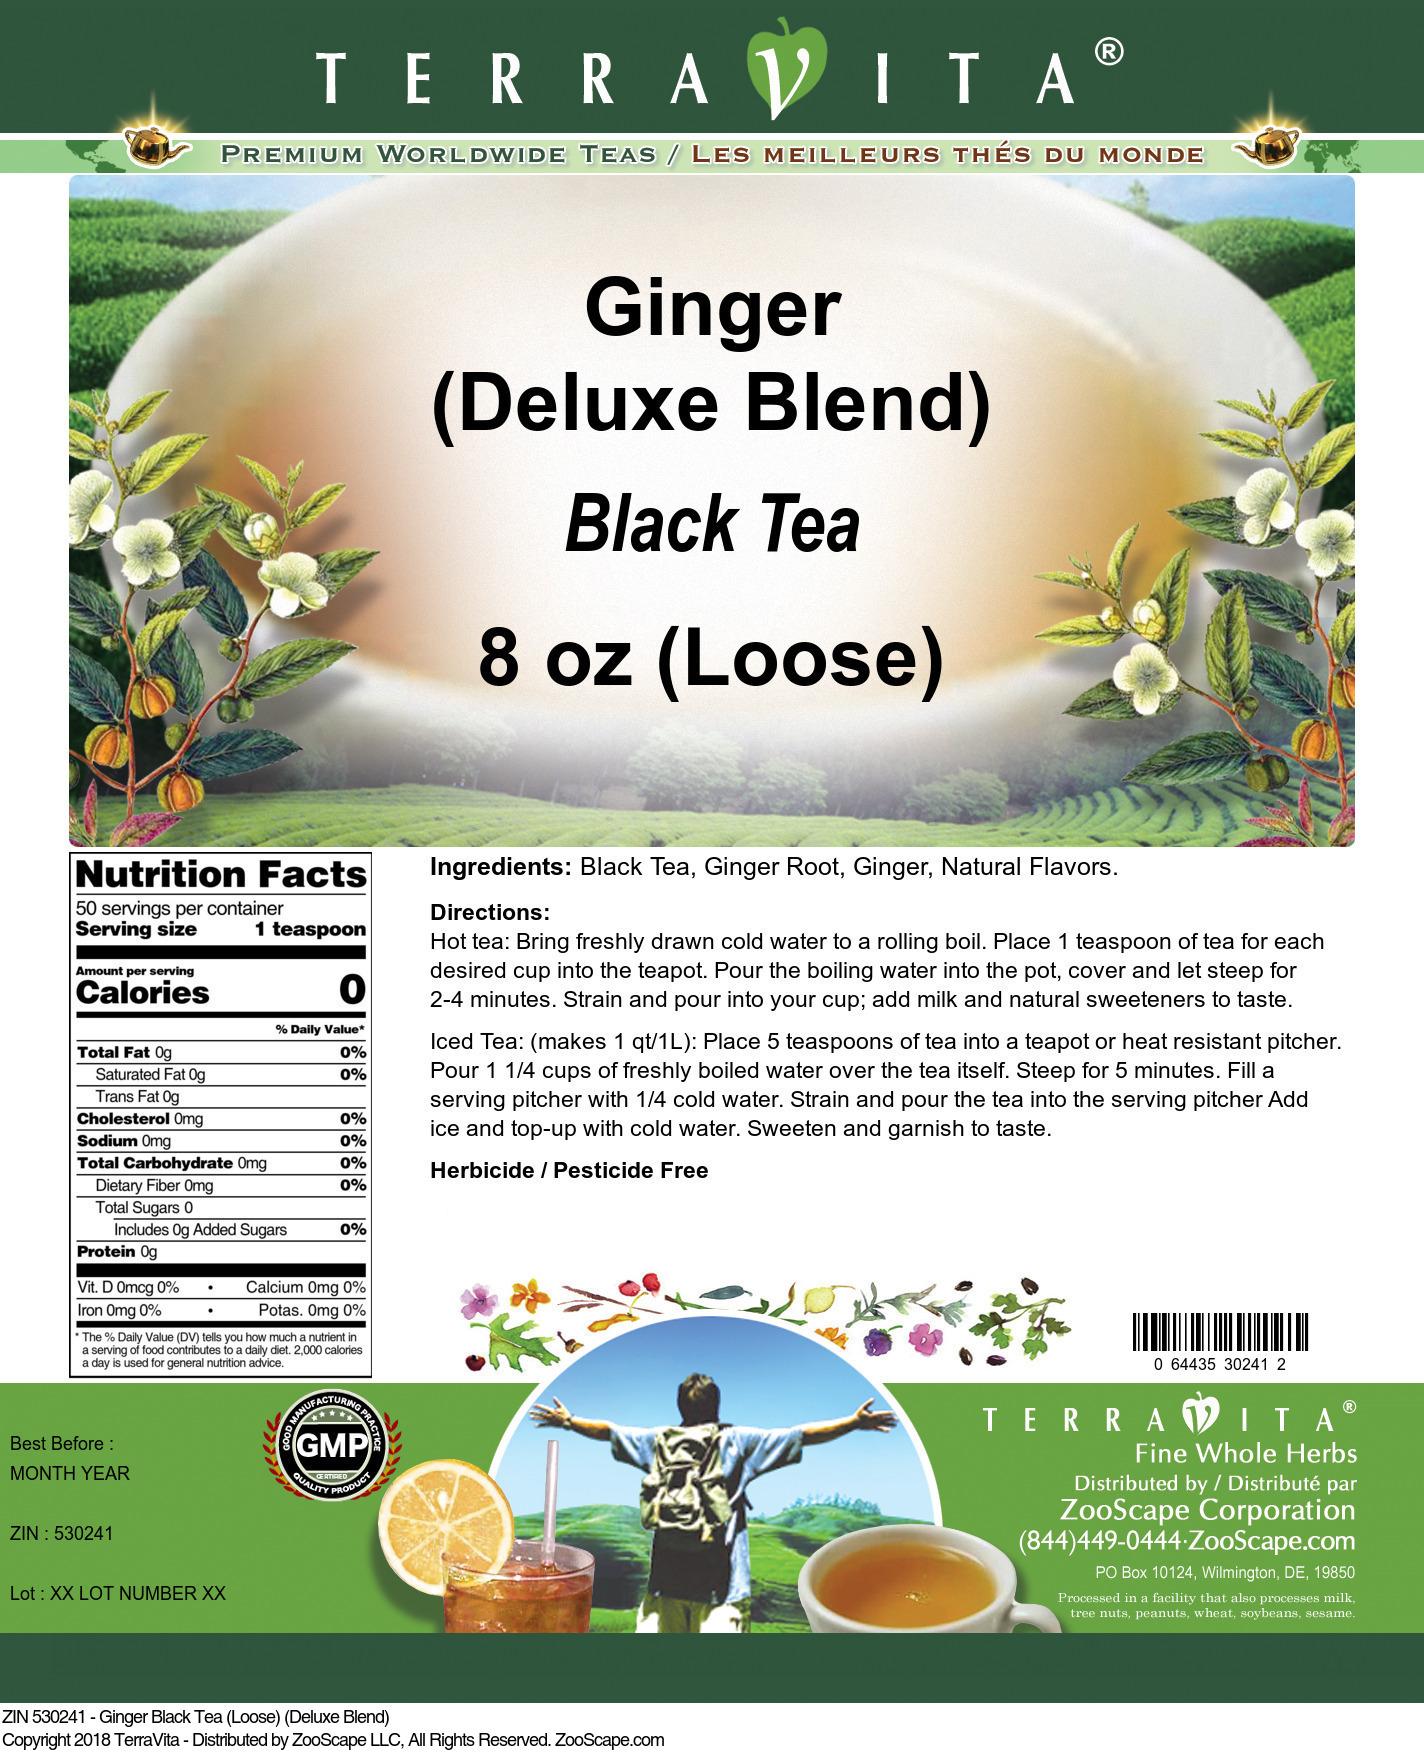 Ginger Black Tea (Loose) (Deluxe Blend)